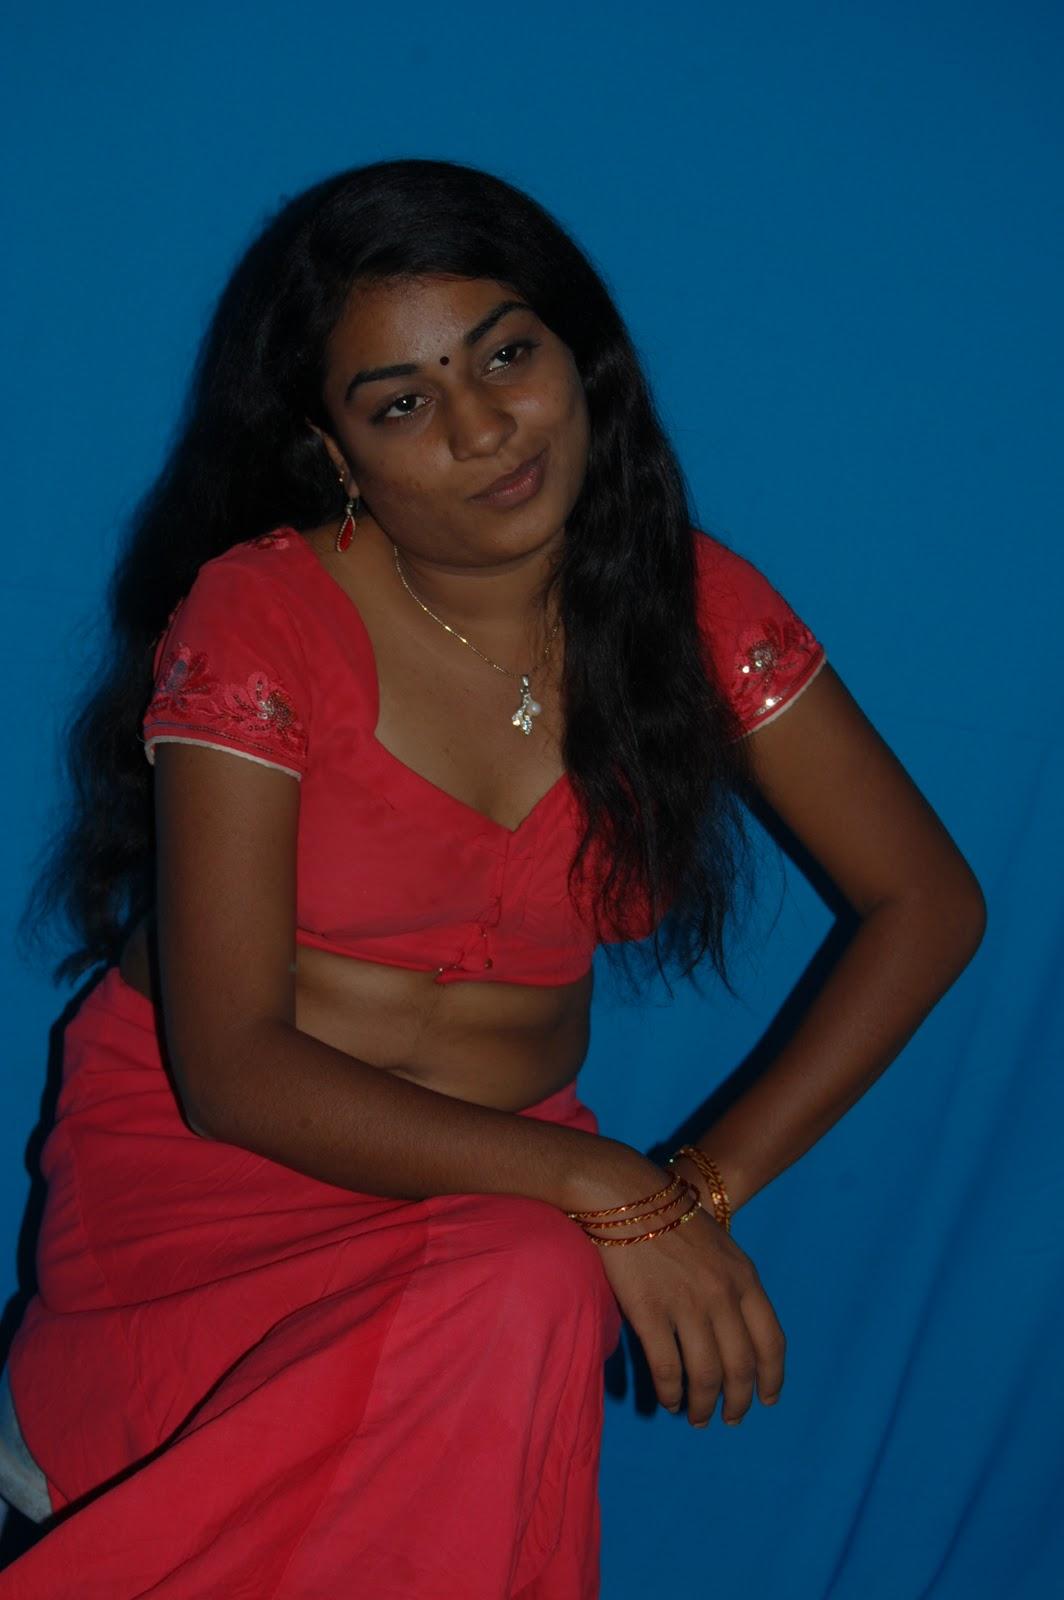 ethir sevai tamil movie heroin hot spicy stills south